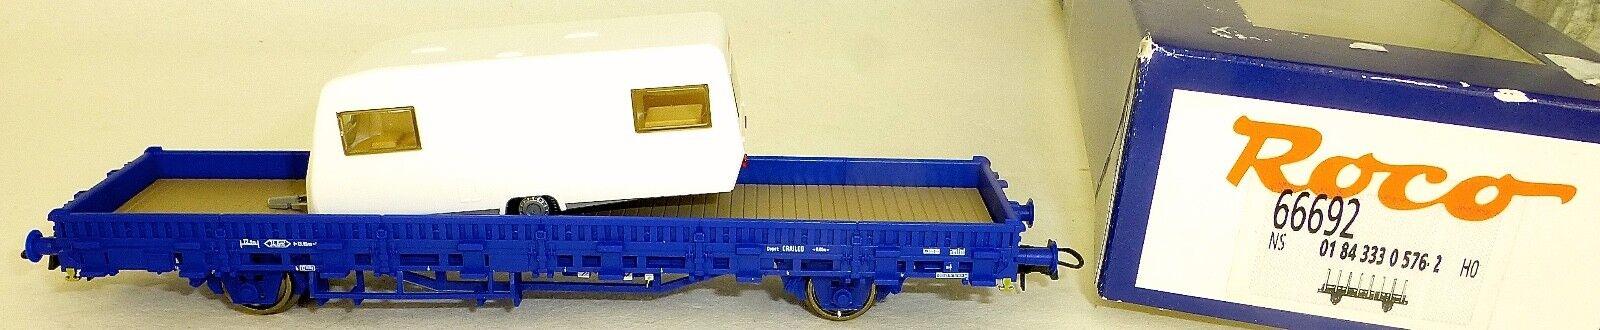 NS Carro a Stanti Railpro con Roulotte Epv Roco 66692 H0 1 87 Conf. Orig. Μ